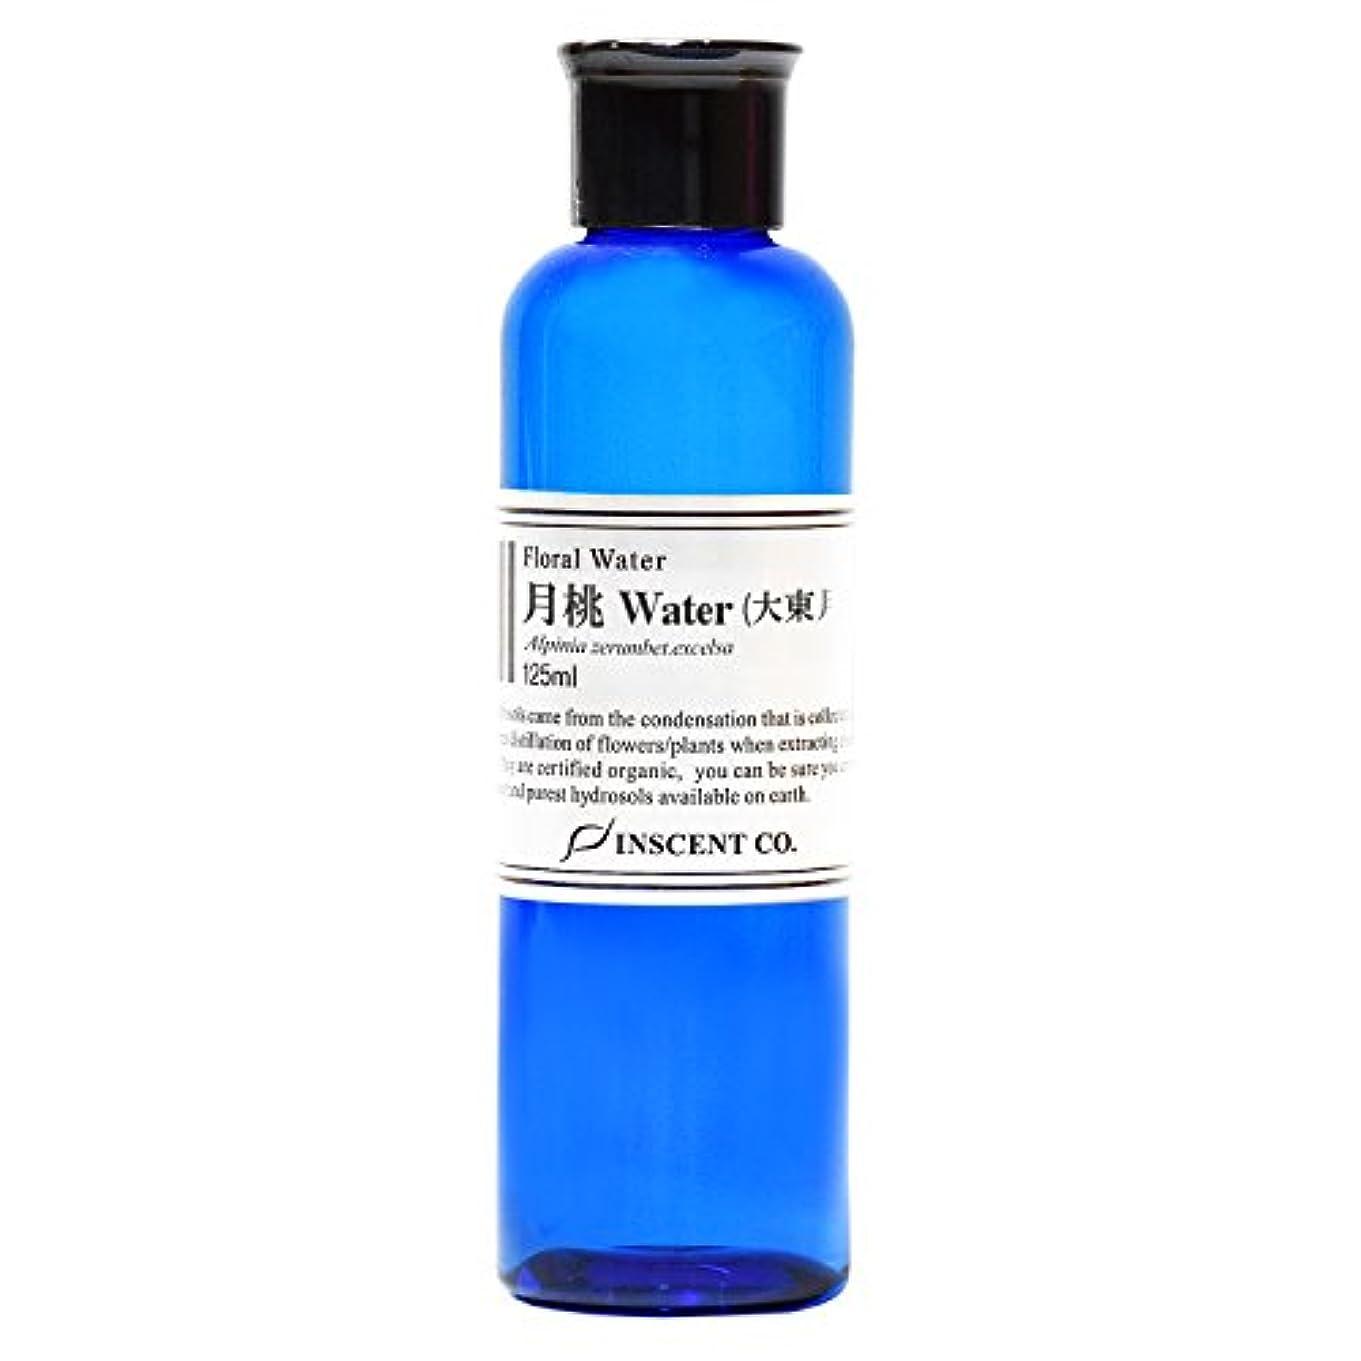 何かなる時々フローラルウォーター 月桃 (げっとう) ウォーター (月桃水) 125ml (ハイドロゾル/芳香蒸留水) ※月桃独特の薬草が焦げたような香りがあります。